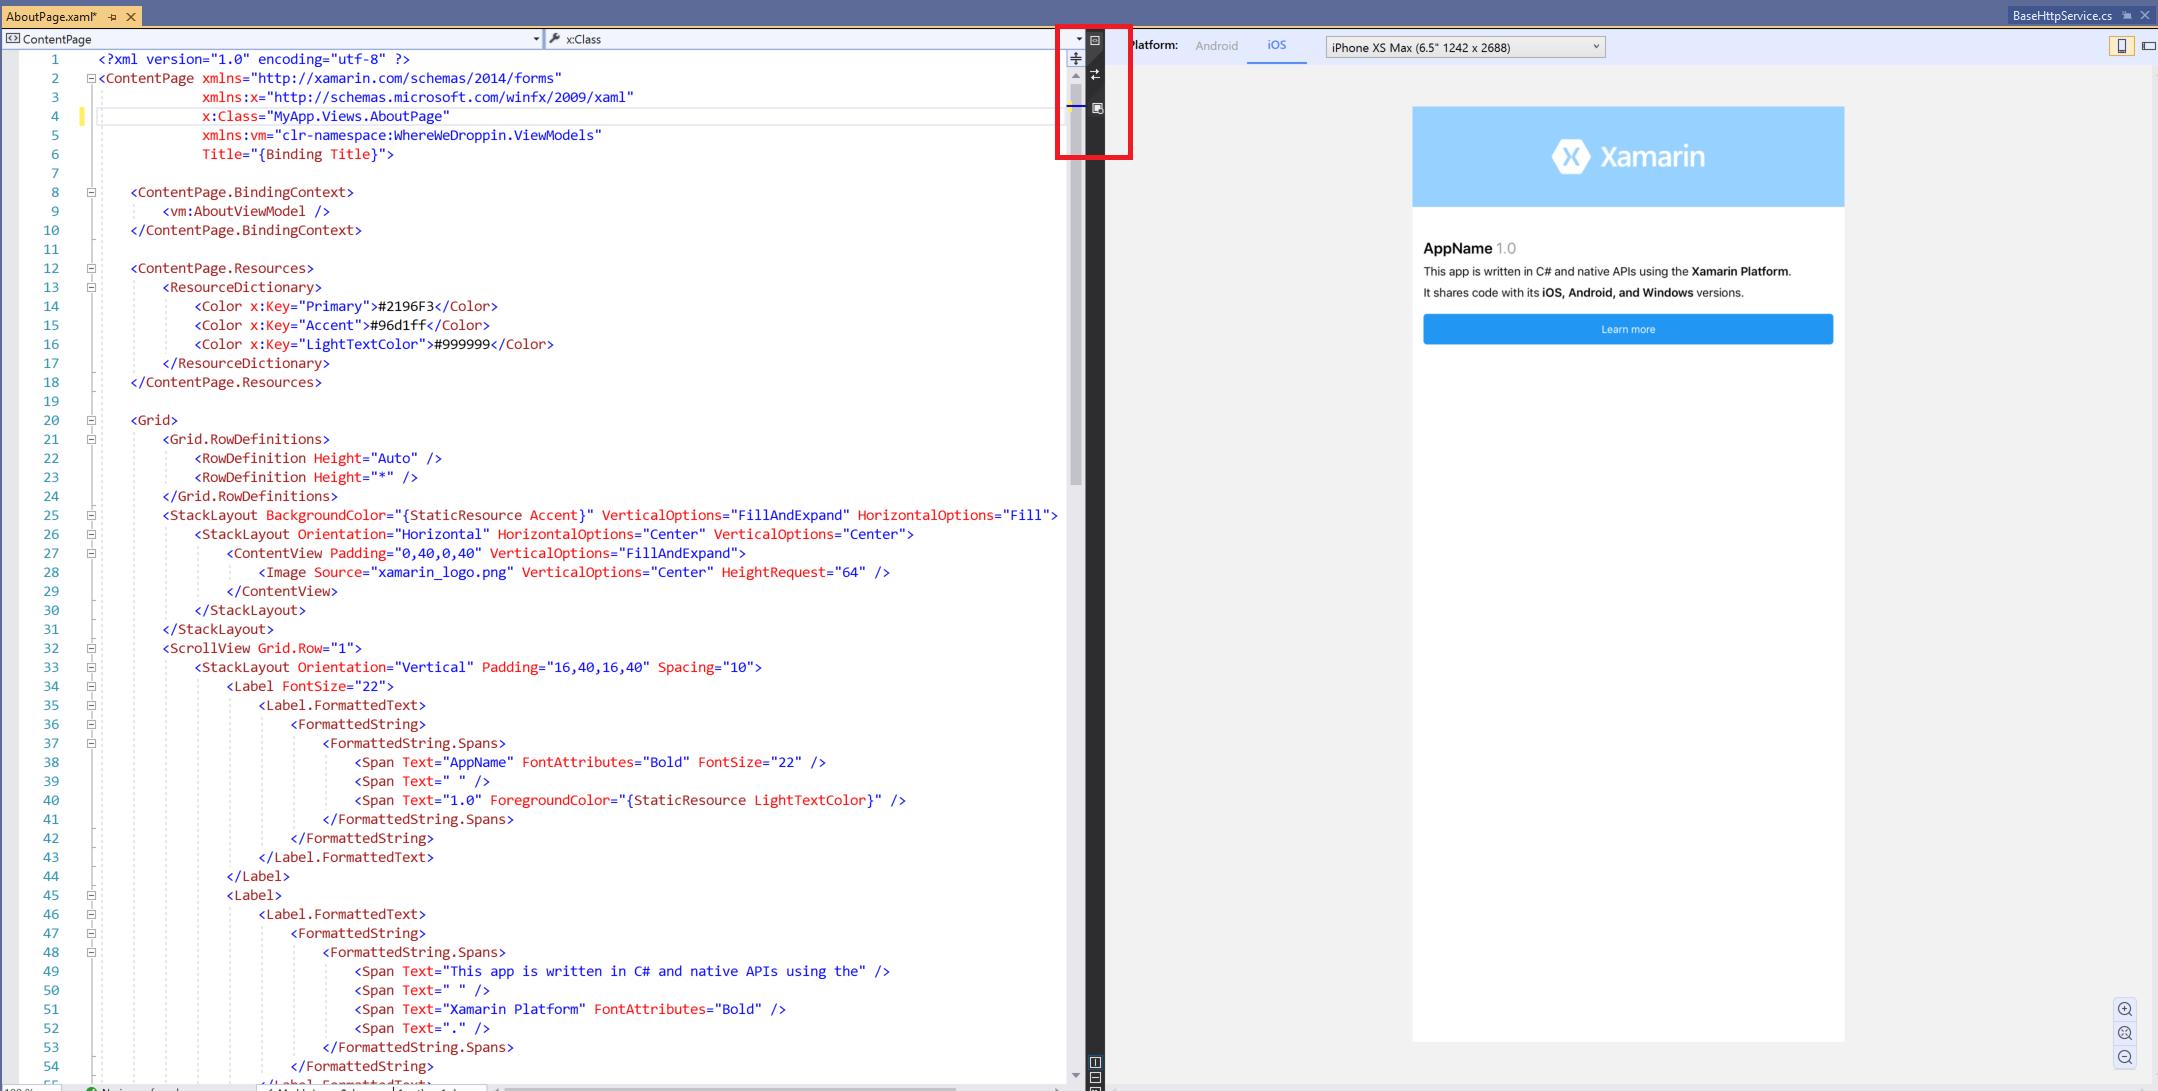 XAML Previewer for Xamarin Forms - Xamarin | Microsoft Docs